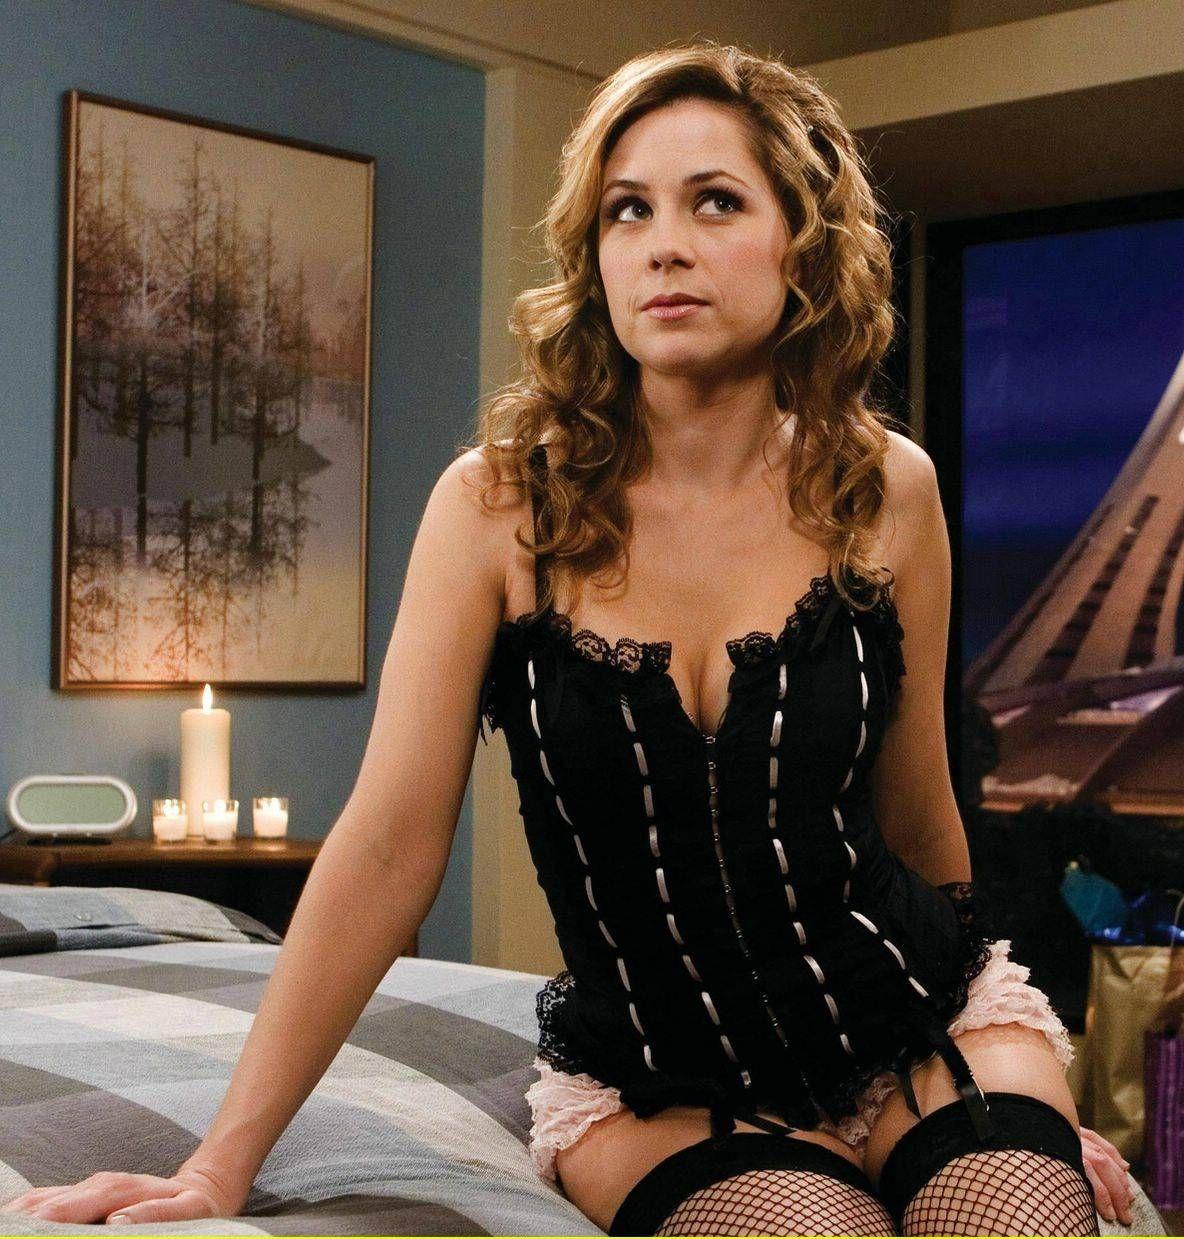 Jenna fischer lingerie